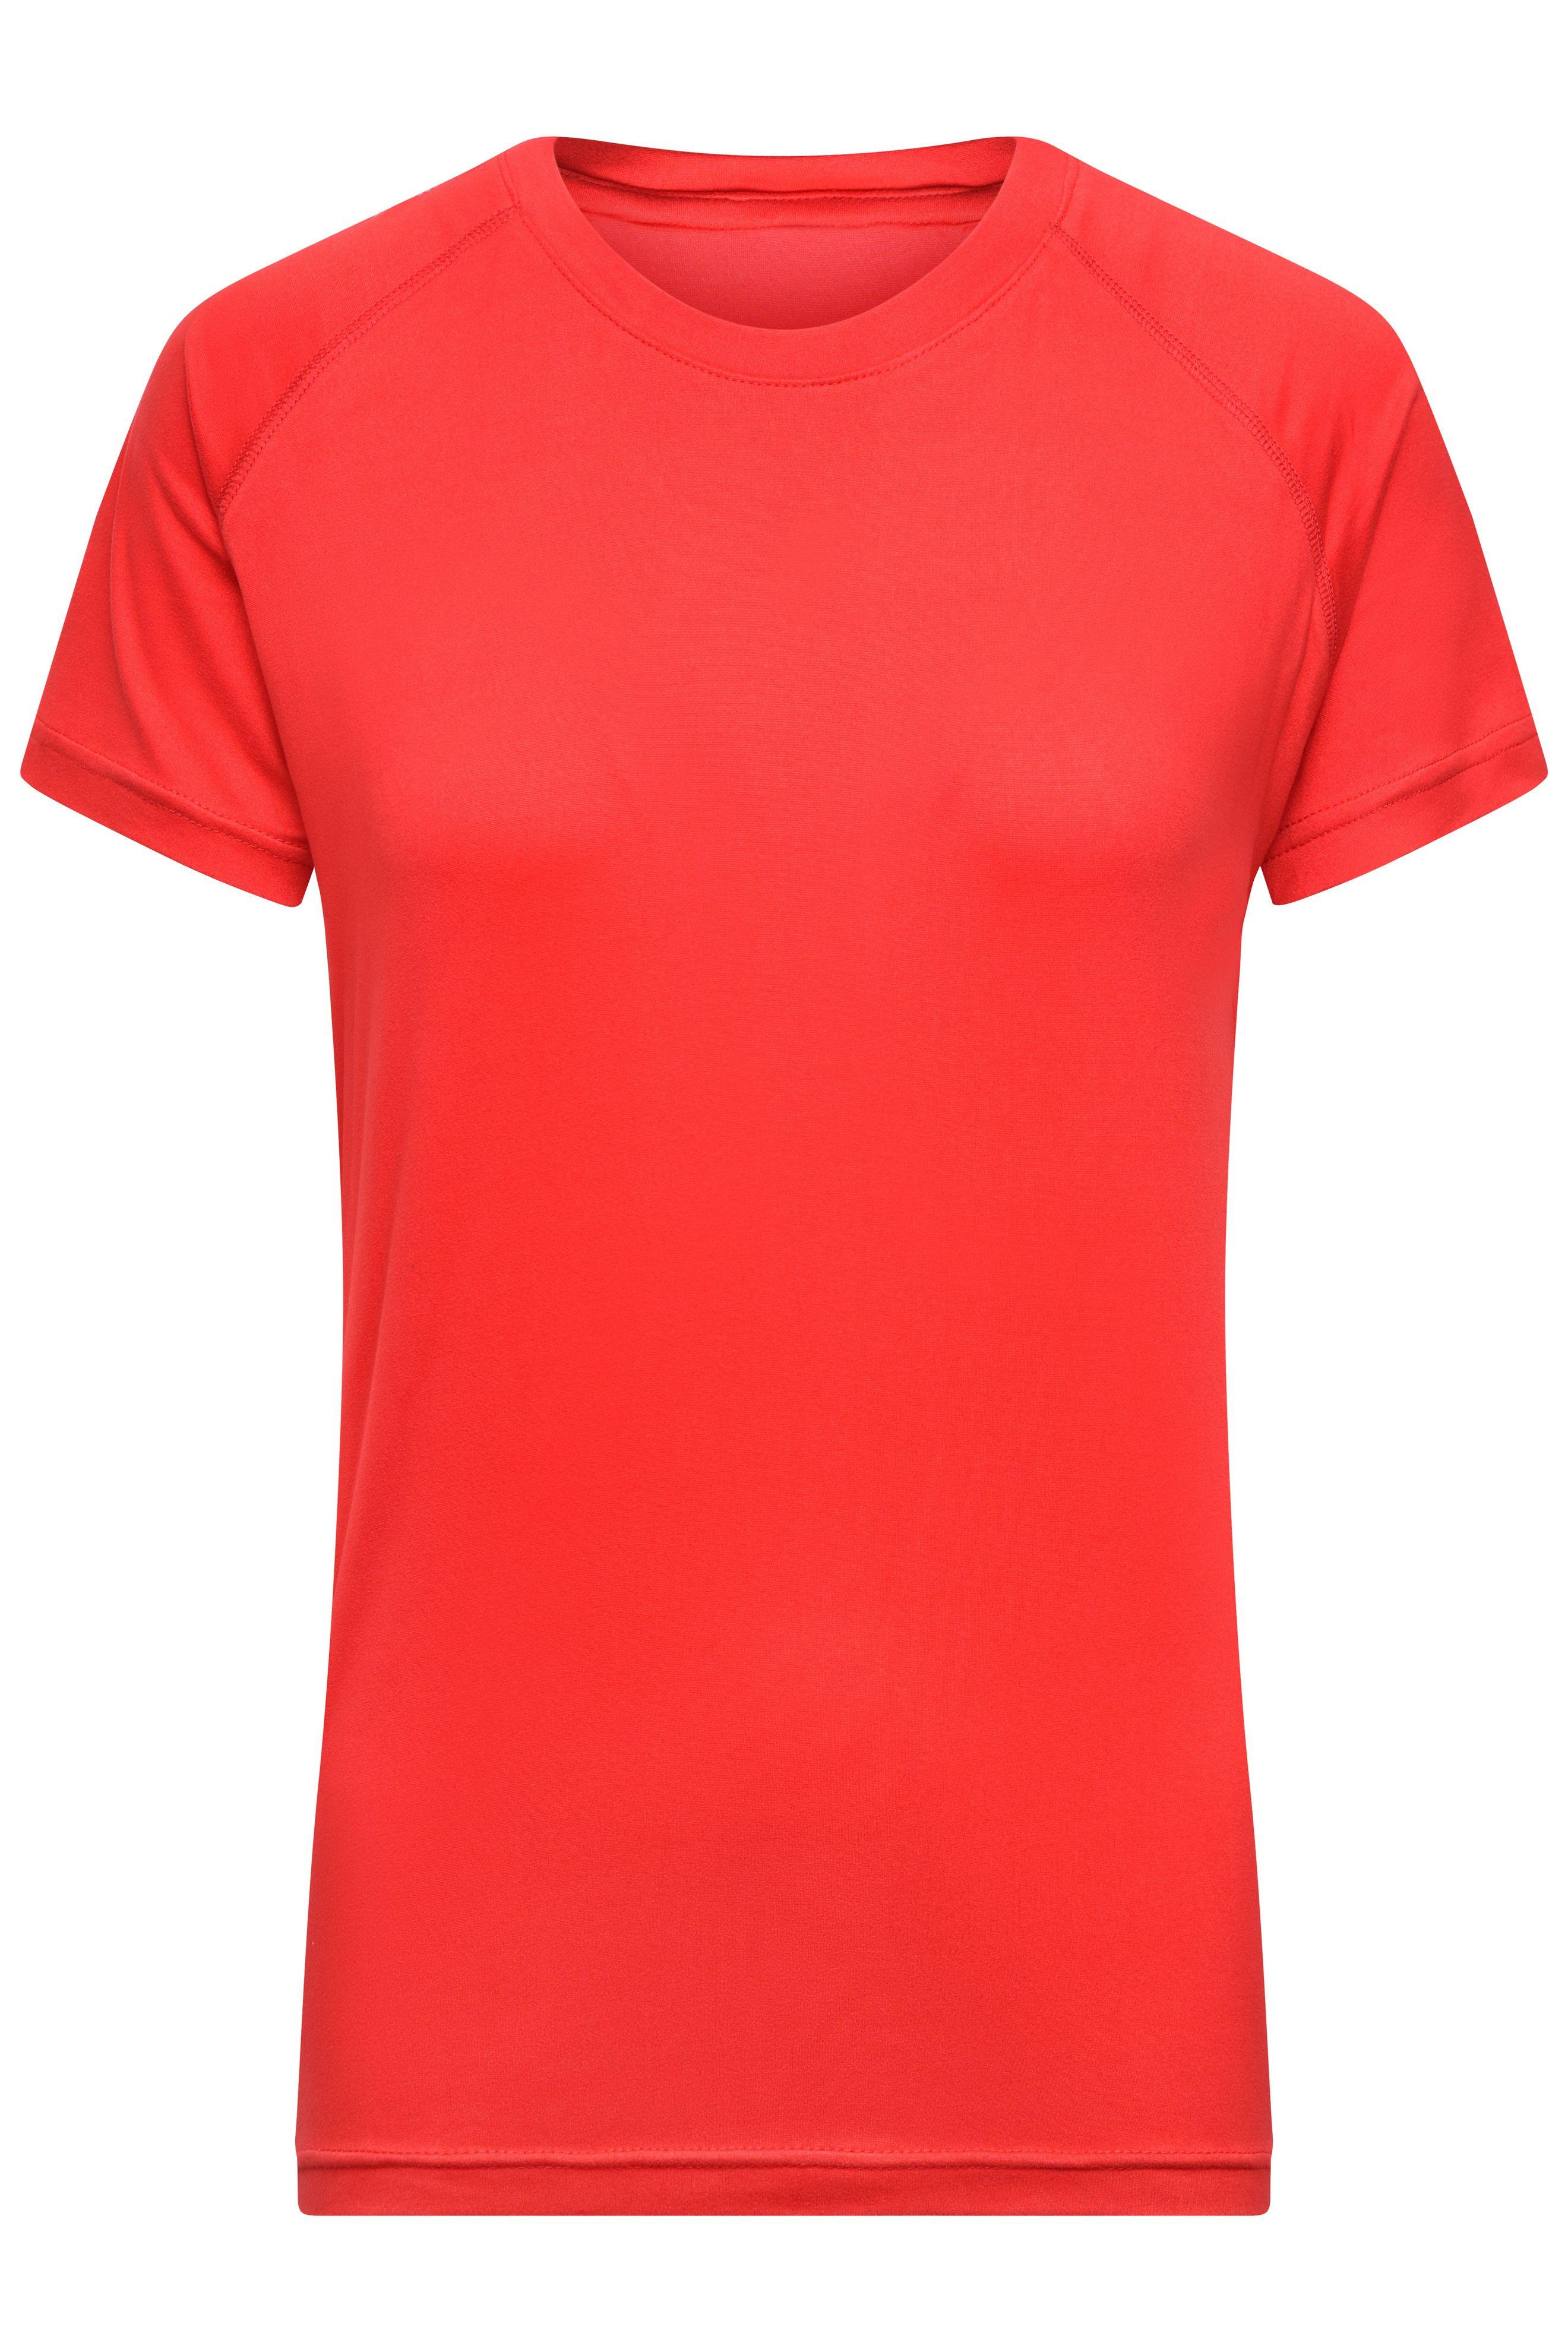 Funktions-Shirt aus recyceltem Polyester für Sport und Fitness